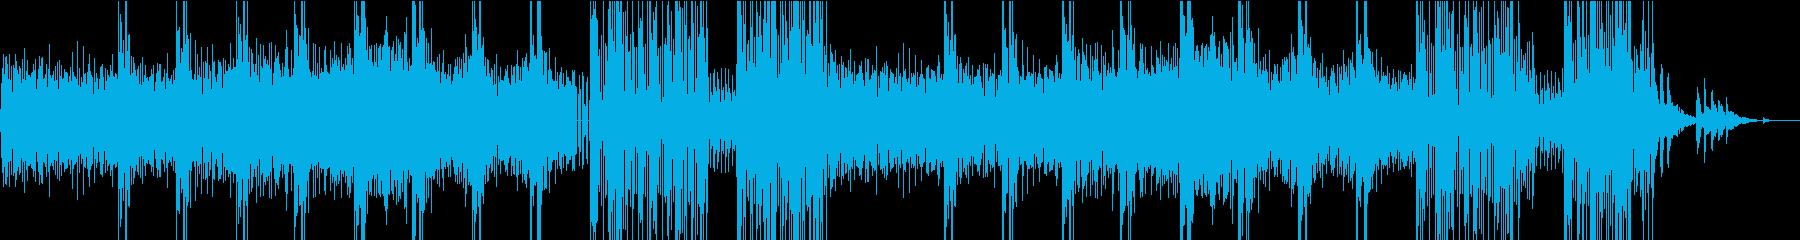 不気味な雰囲気が特徴のシンセサイザー曲の再生済みの波形